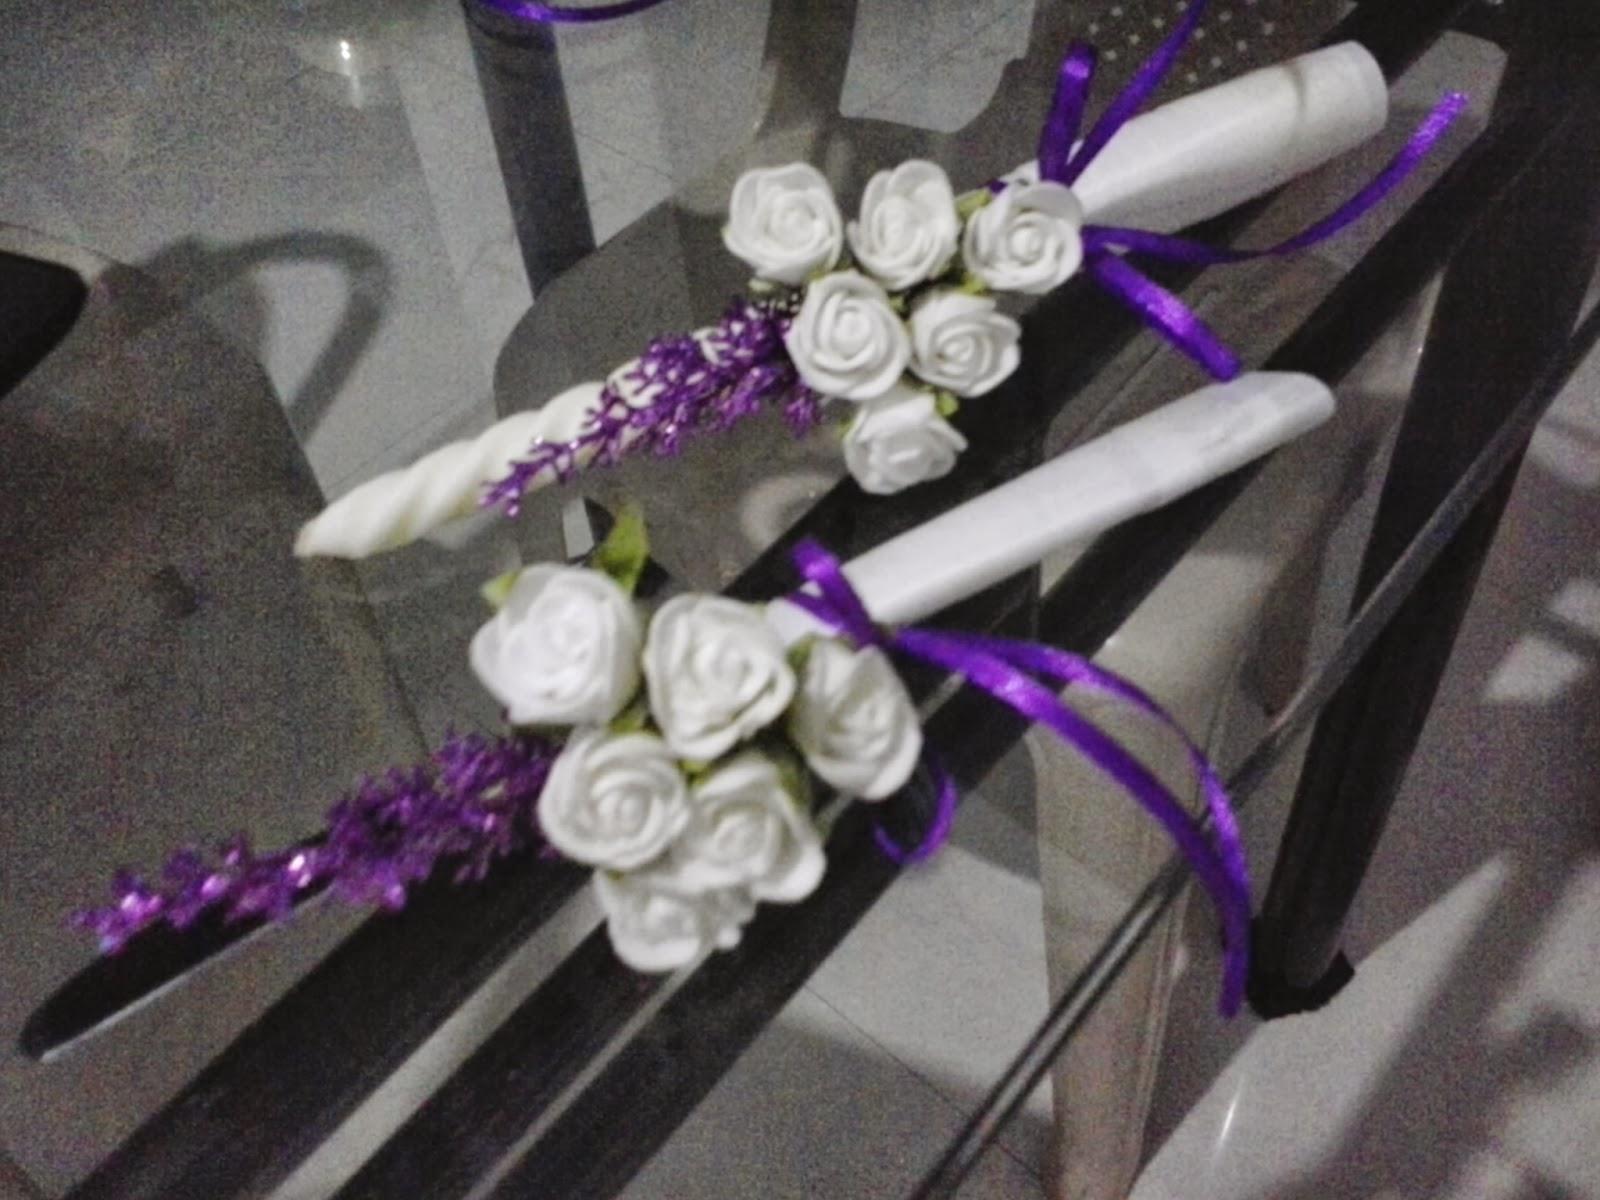 wedding cake knife decoration